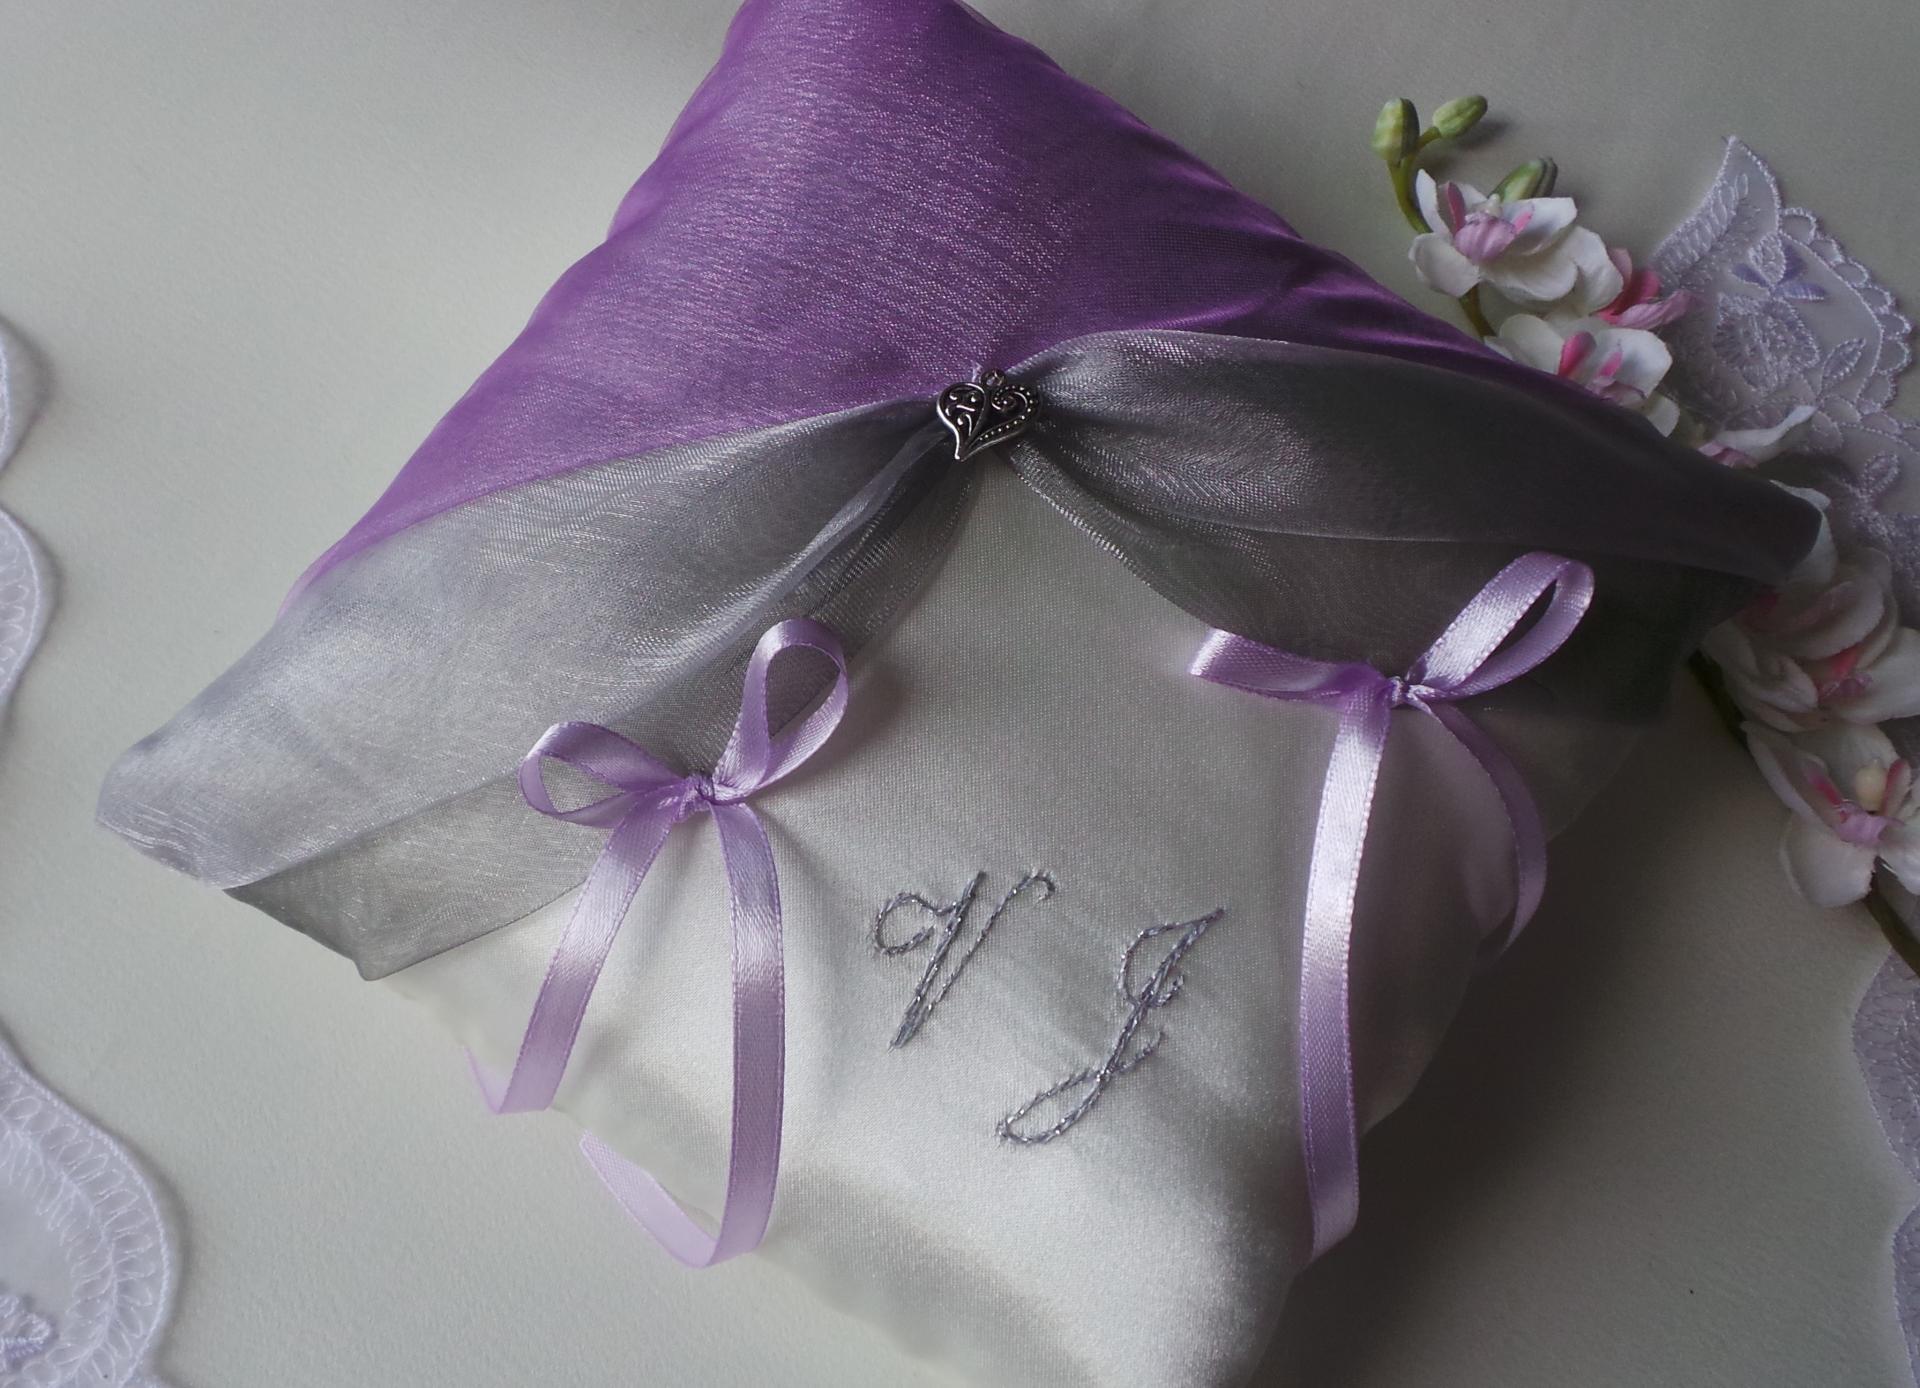 Coussin mariage gris argent parme violet